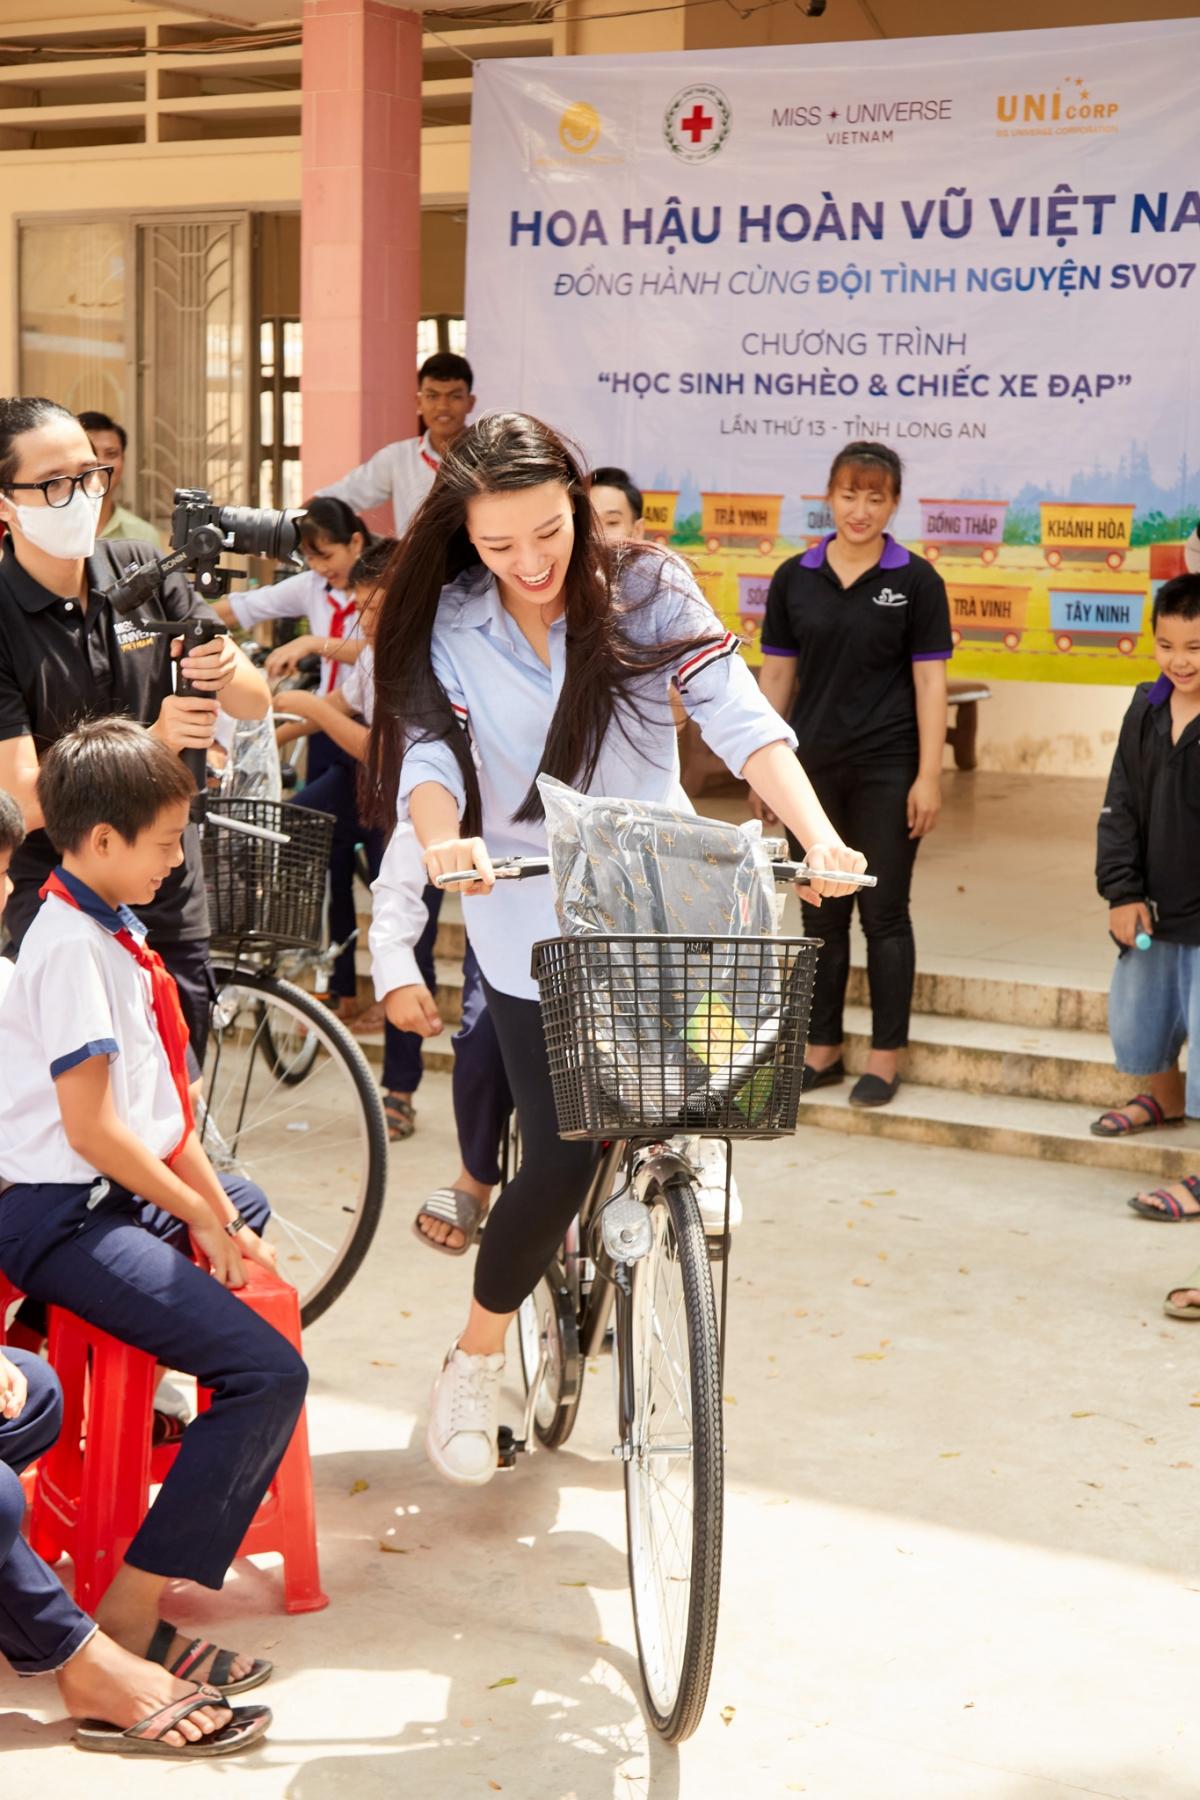 """Vừa qua, cô cùng đoàn thiện nguyện đã đến trường THCS Bình Hoà Tây, huyện Mộc Hoá, tỉnh Long An tổ chức chương trình """"Học sinh nghèo và chiếc xe đạp""""."""